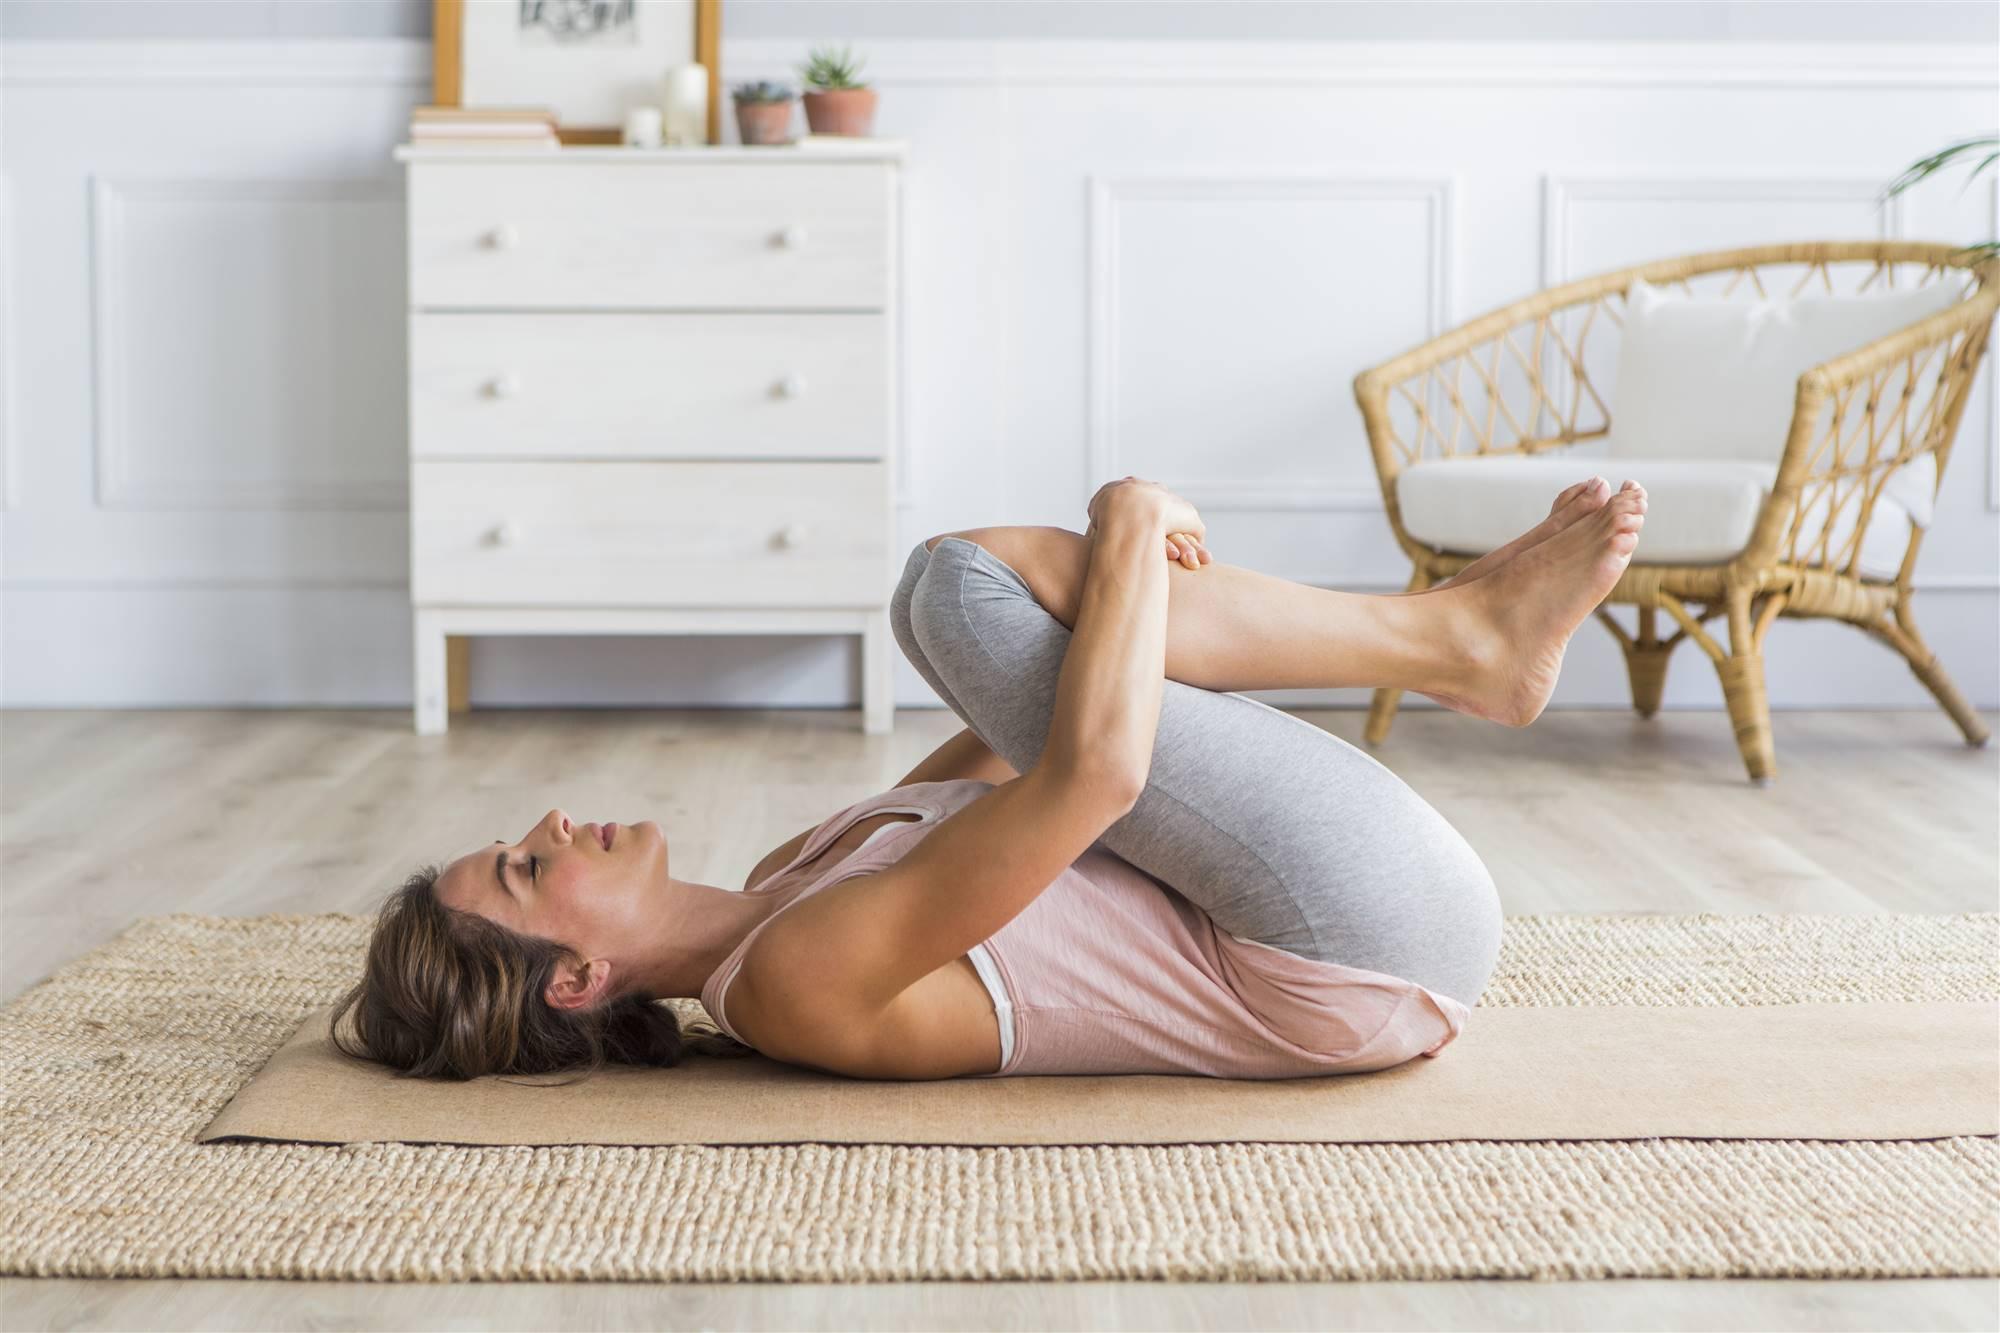 Dolor de espalda: ejercicios para evitarlo en casa